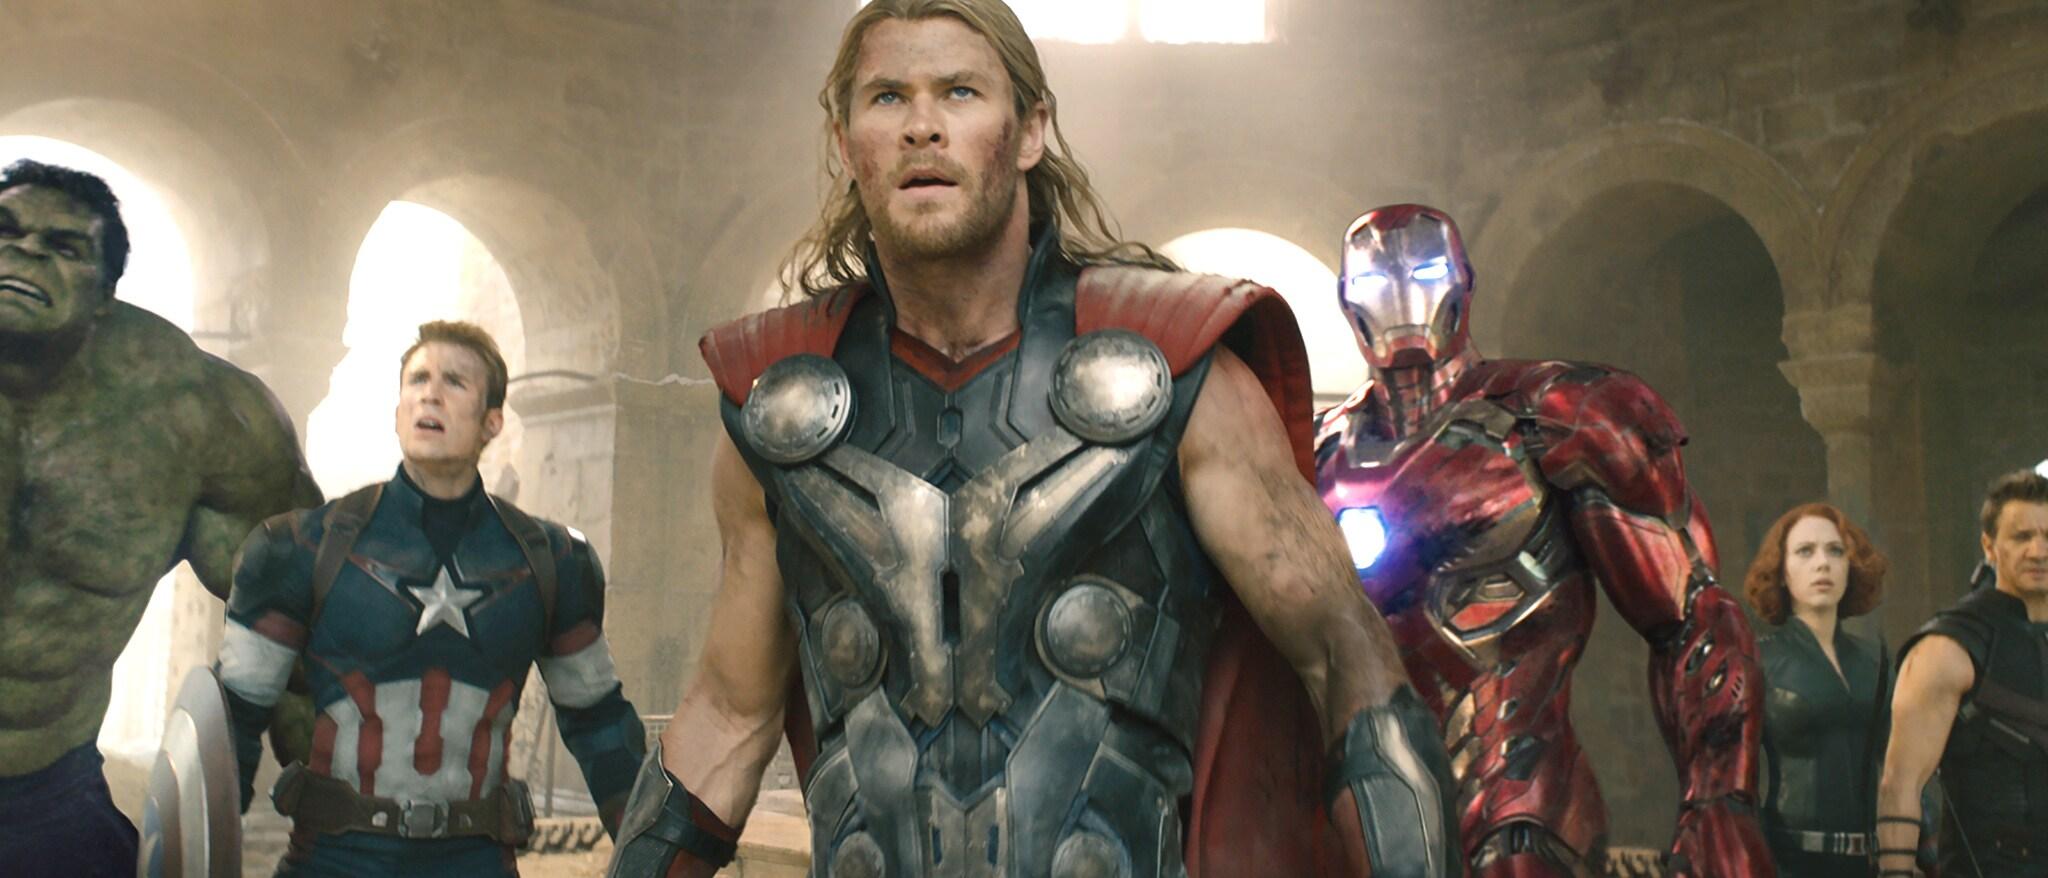 Avengers: Age of Ultron Hero